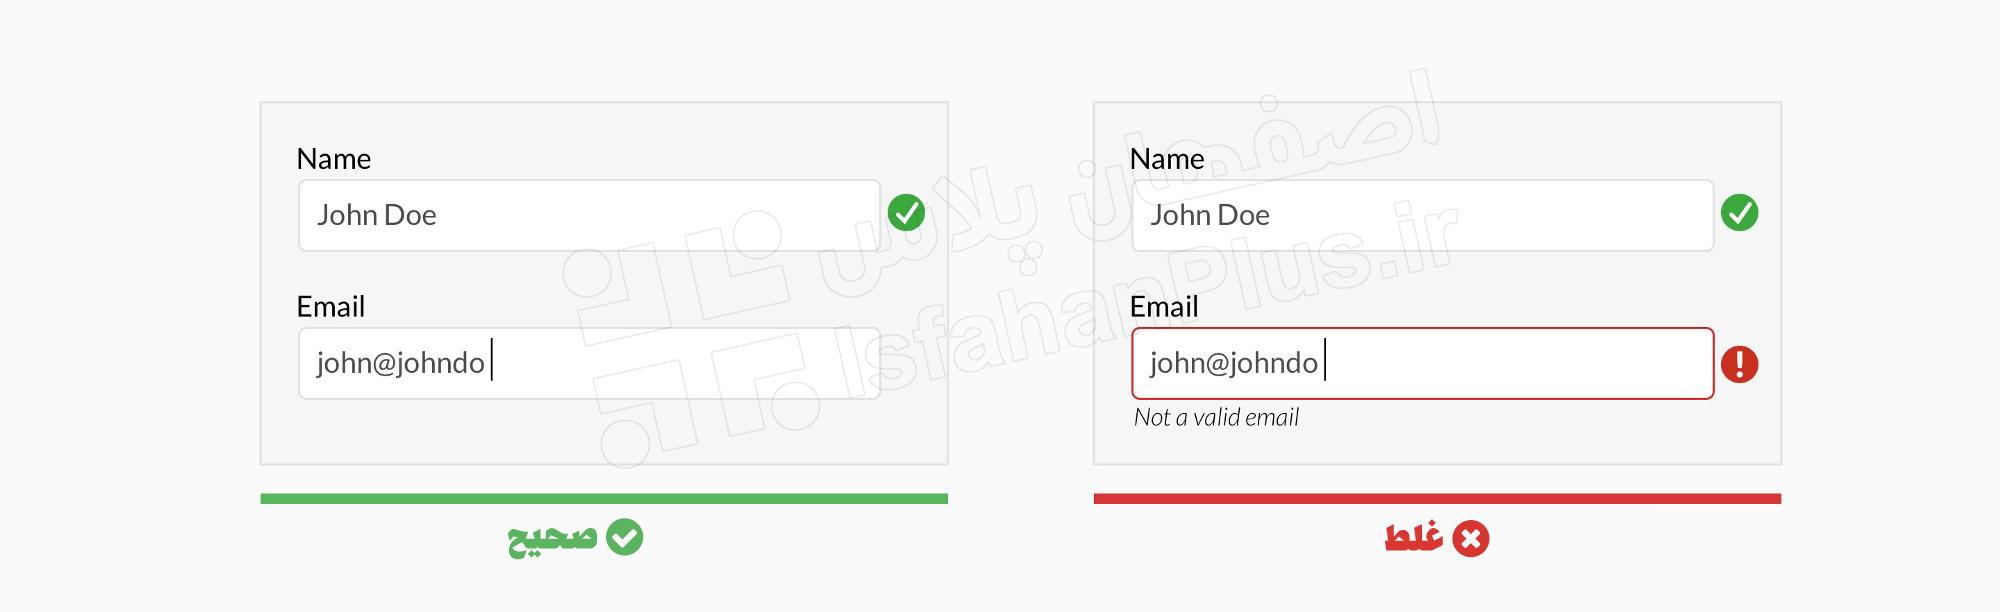 استفاده از اعتبارسنجی inline پس از اینکه کاربر فیلد را پر می کند (مگر اینکه در طی فرایند به آنها کمک کند)